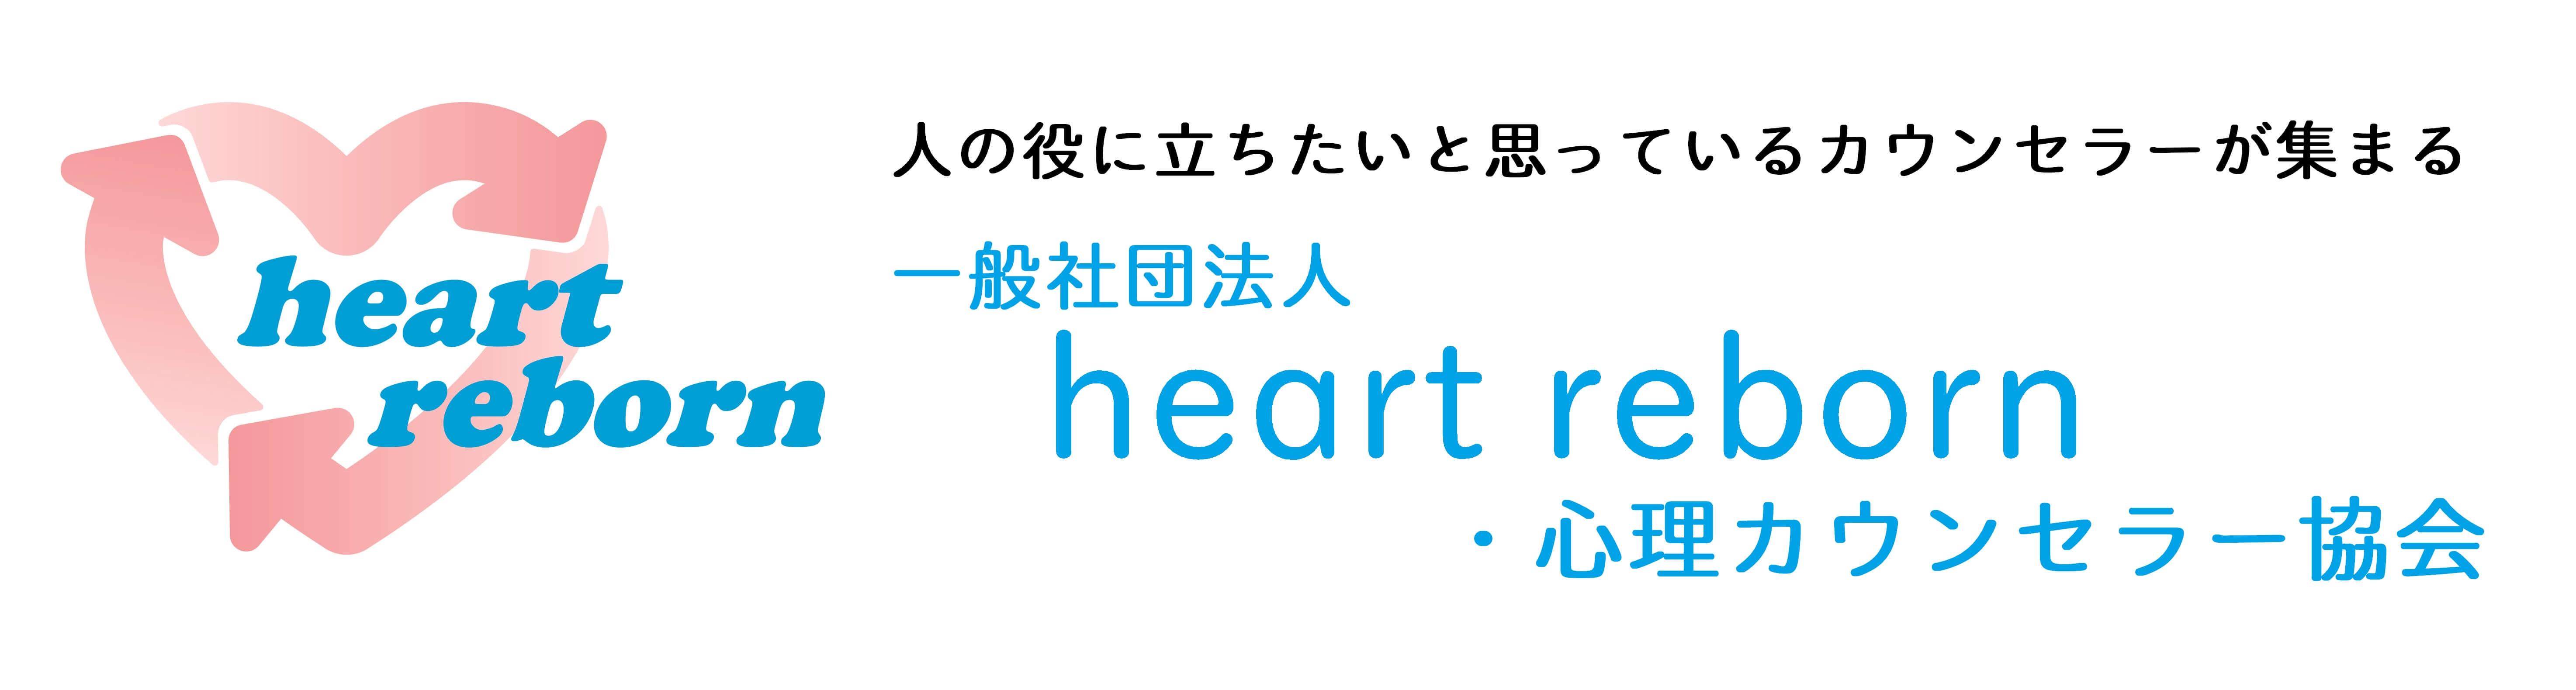 人の役に立ちたいカウンセラーが集まる|一般社団法人heart reborn・心理カウンセラー協会